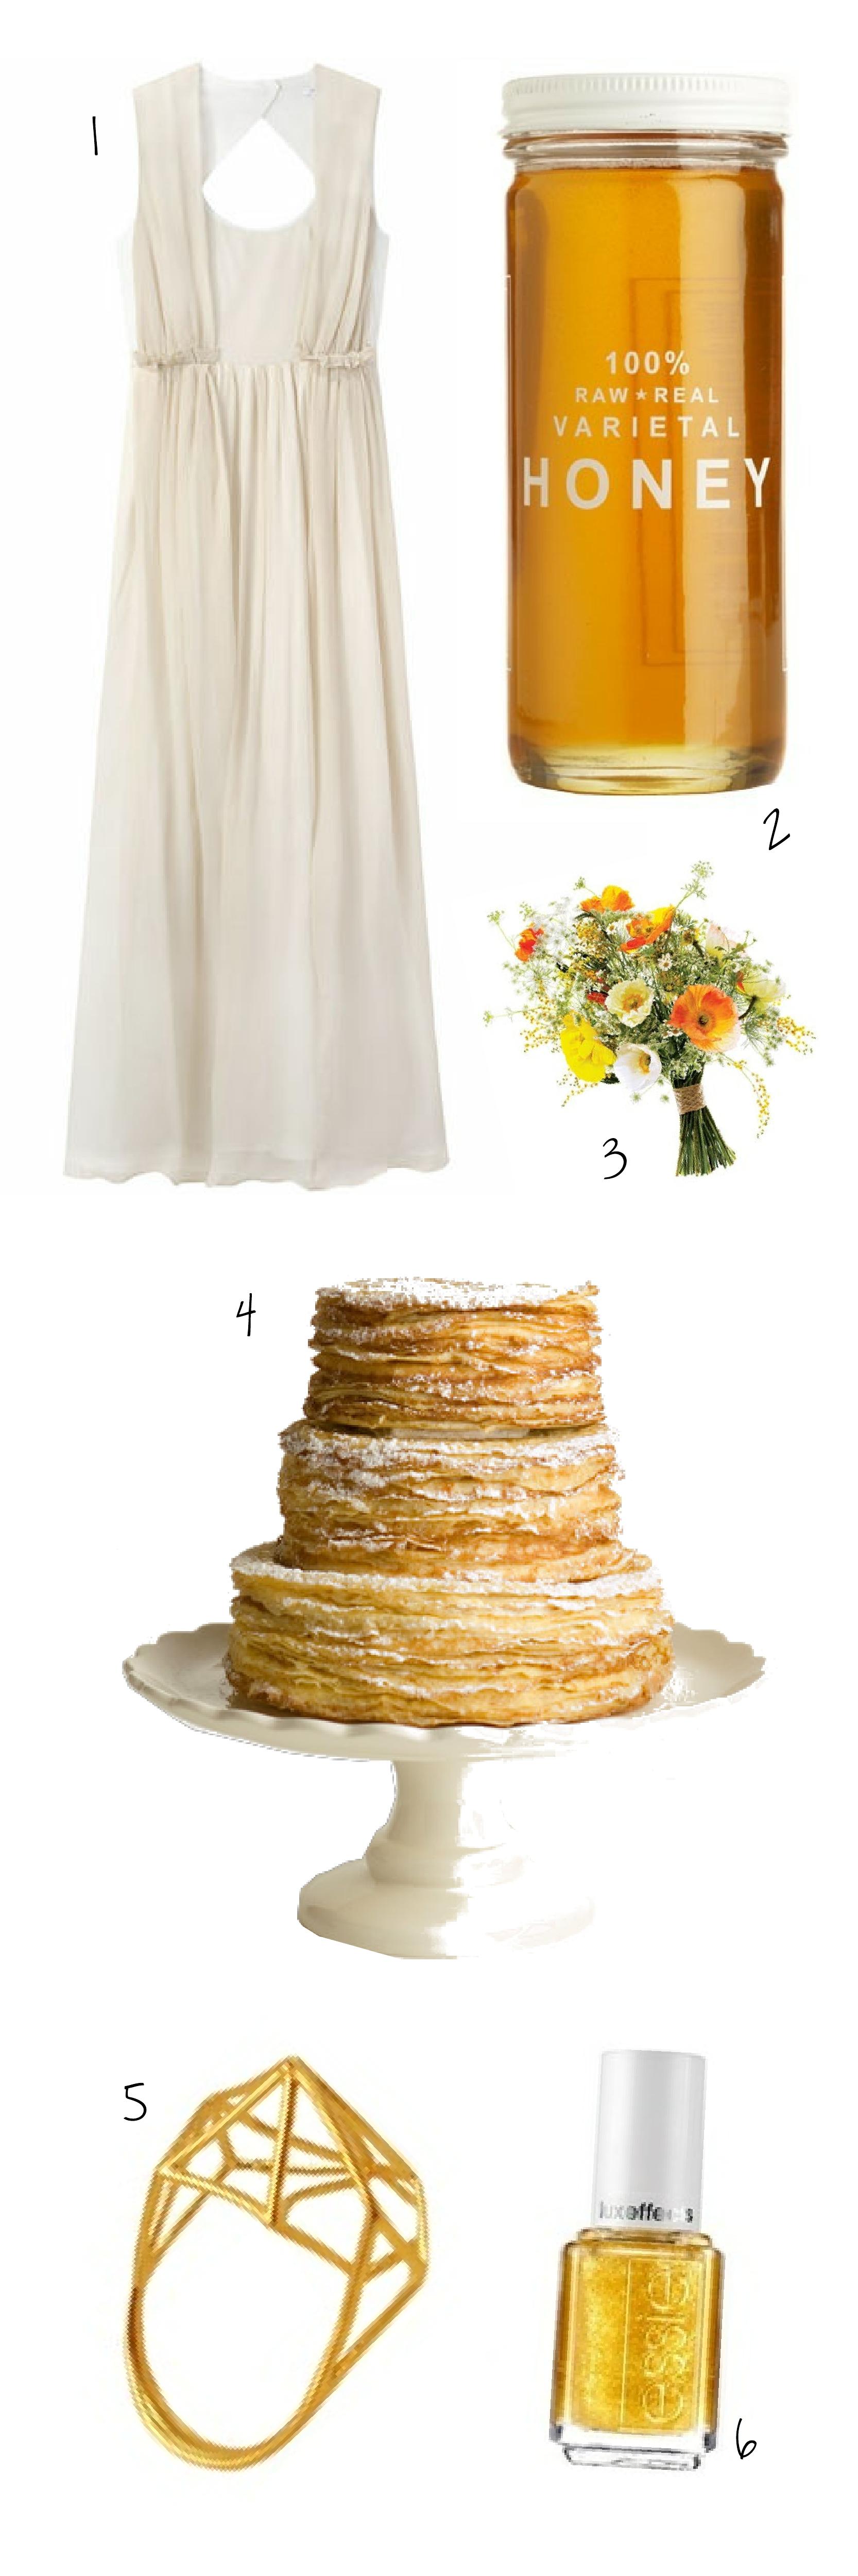 honey wedding theme | Wedding Ideas <3 | Pinterest | Weddings ...